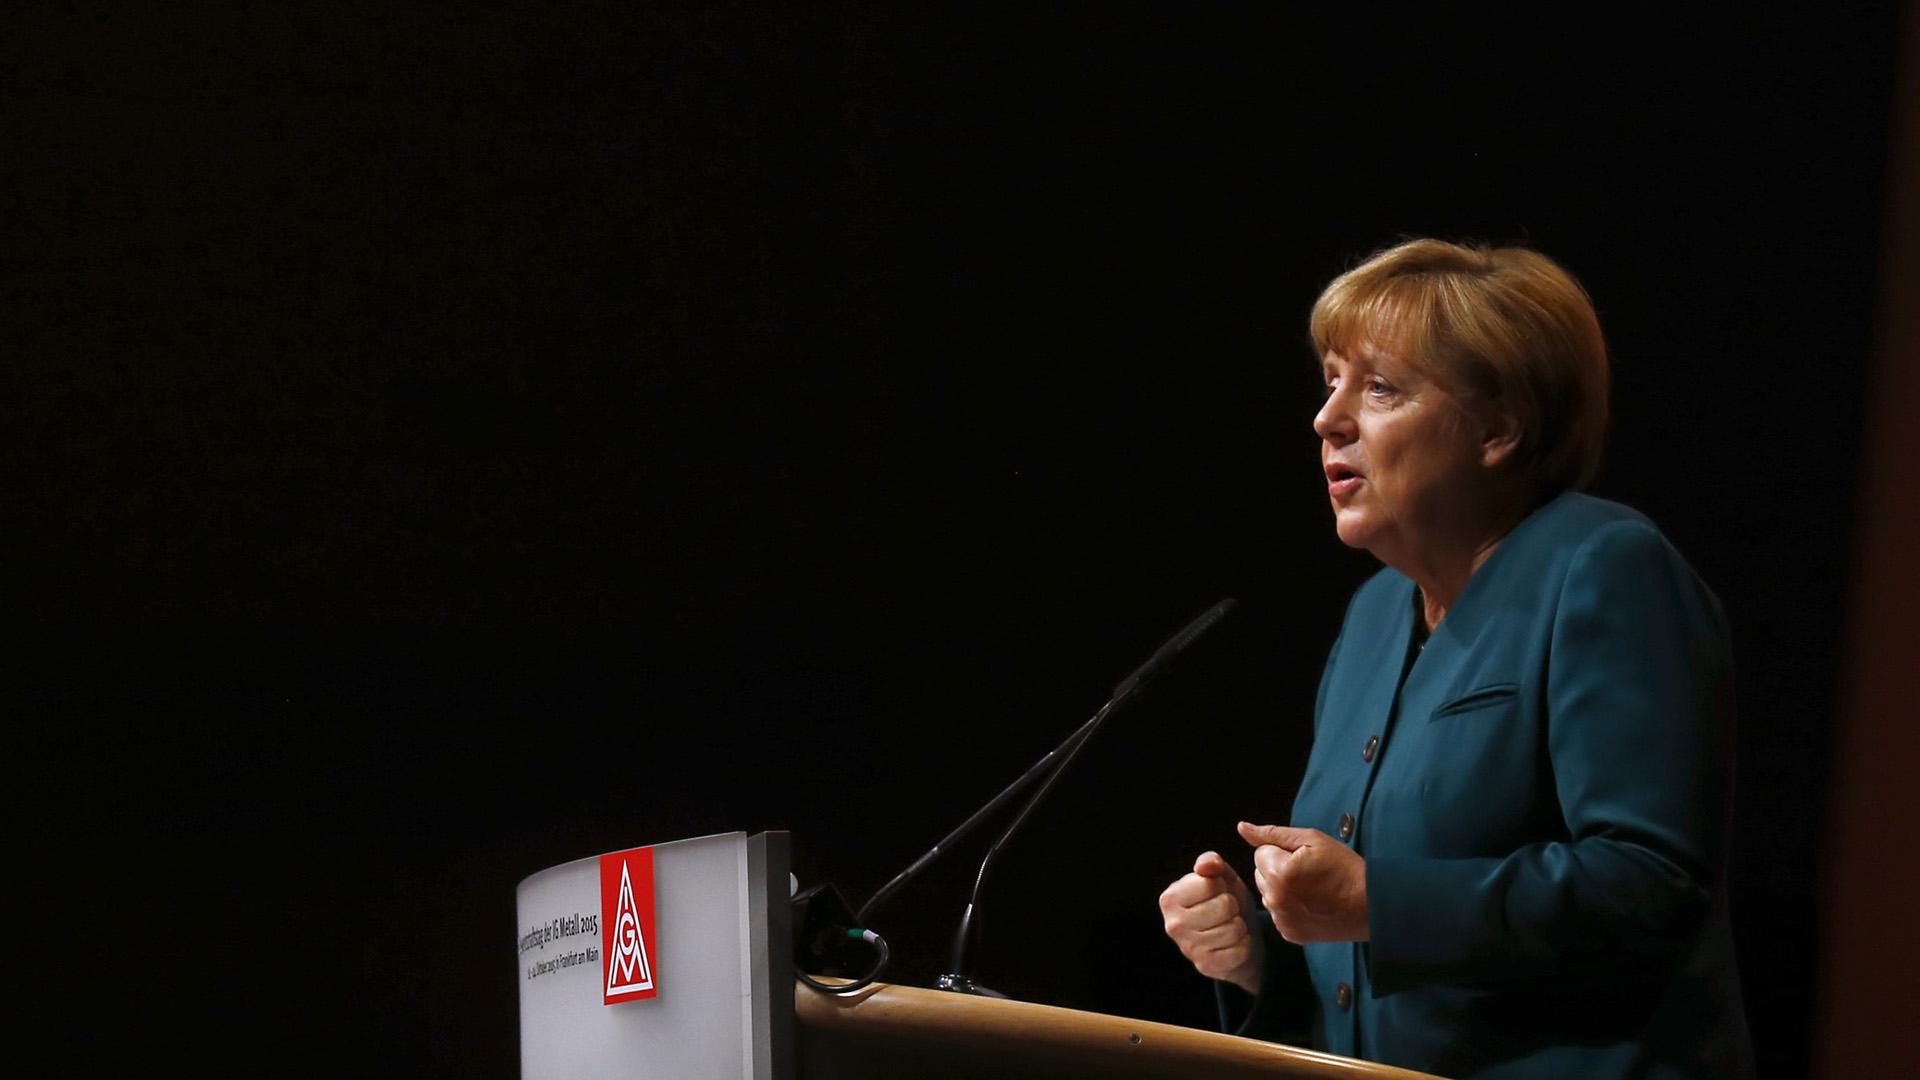 La canciller alemana insistió en que solo los perseguidos recibirán asilo